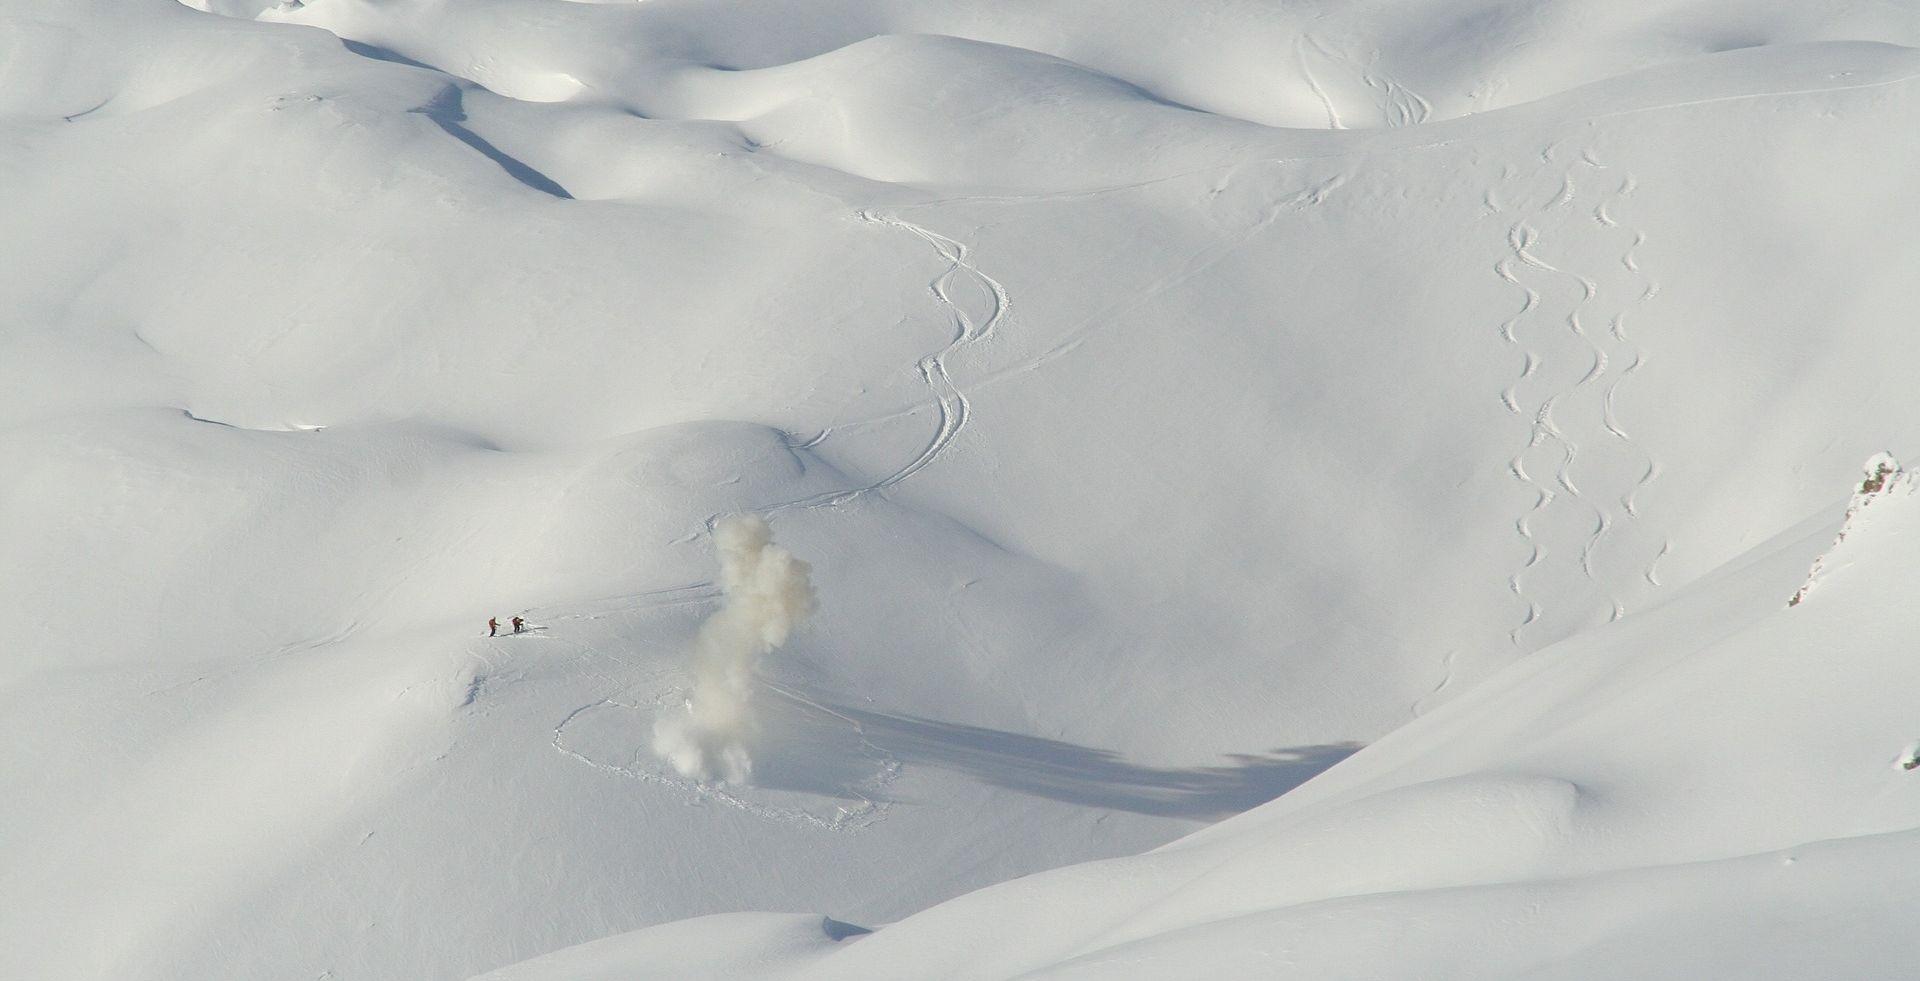 AUSTRIJSKE ALPE Lavina zatrpala 12 osoba, poginulo do pet čeških skijaša